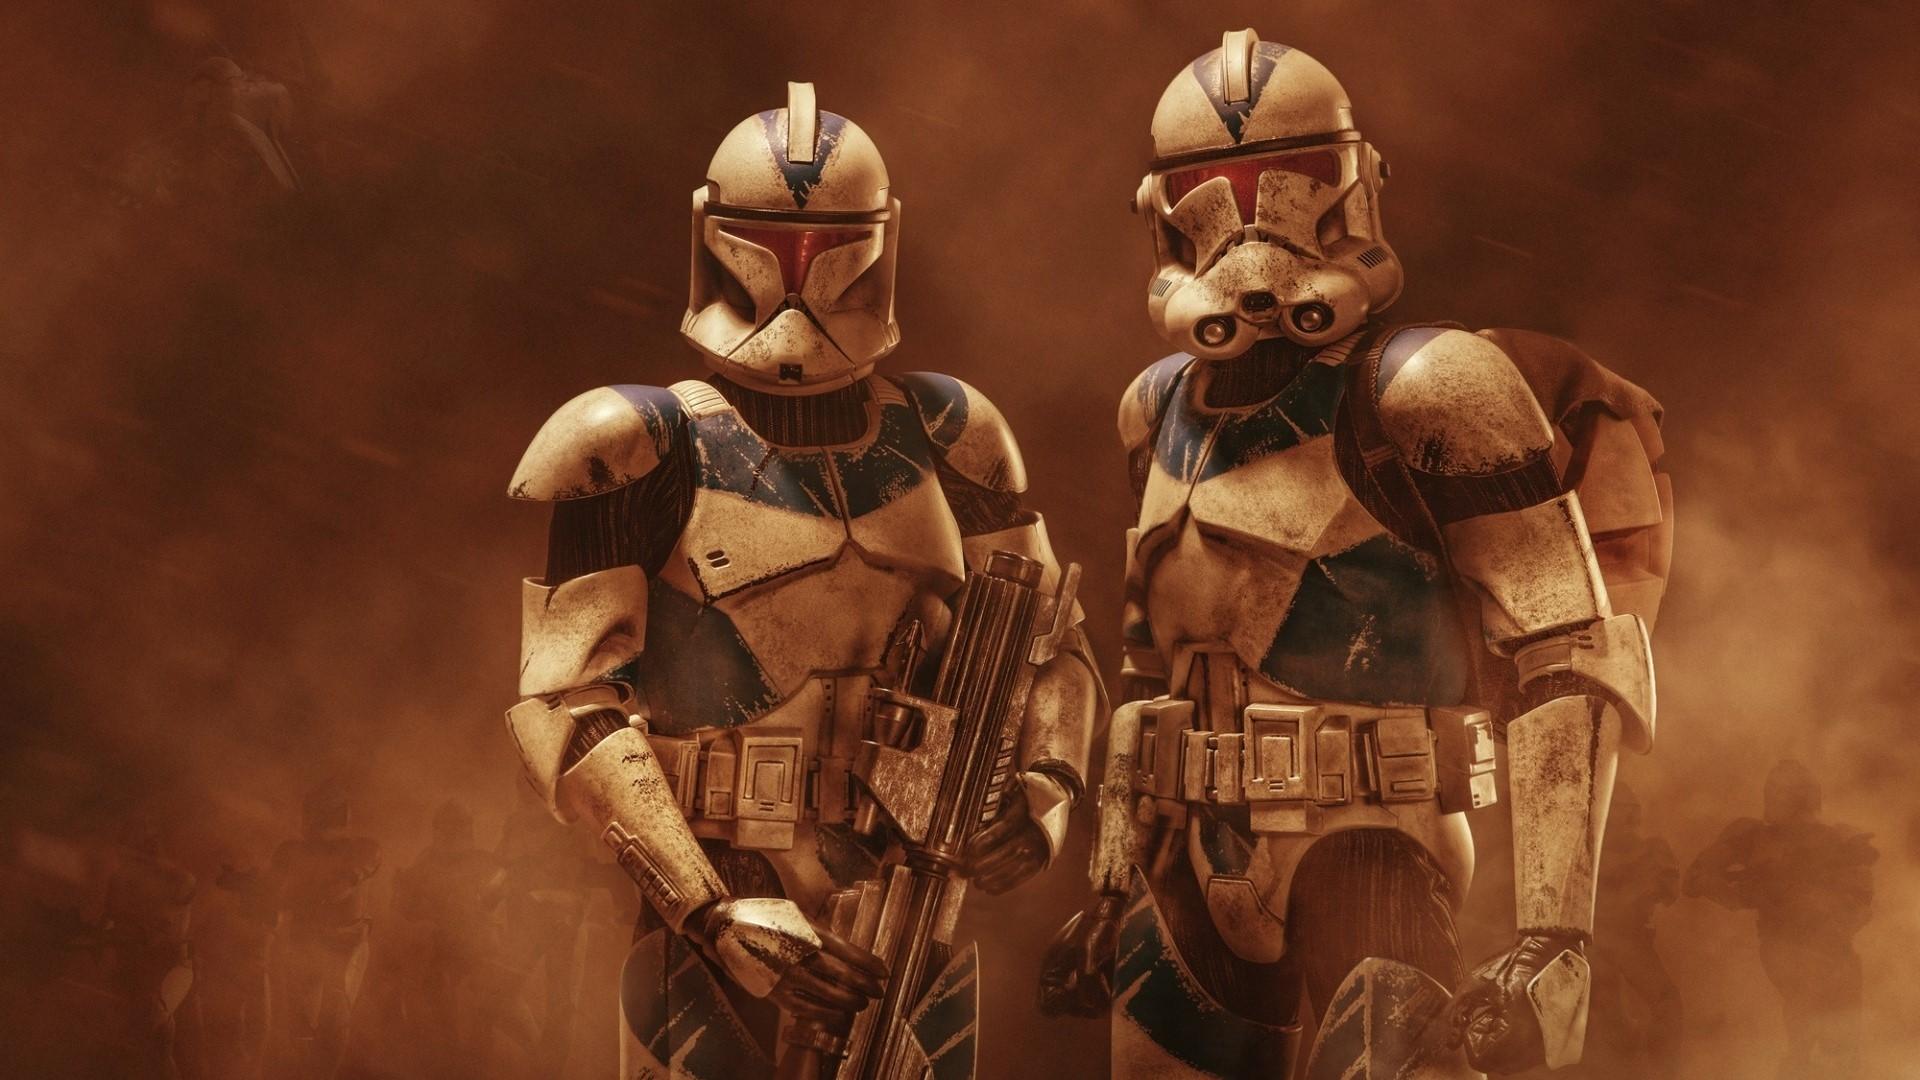 Más-de-de-Star-Wars-para-calmar-tus-ganas-de-ver-The-Force-Awakens-wallpaper-wpc9007897